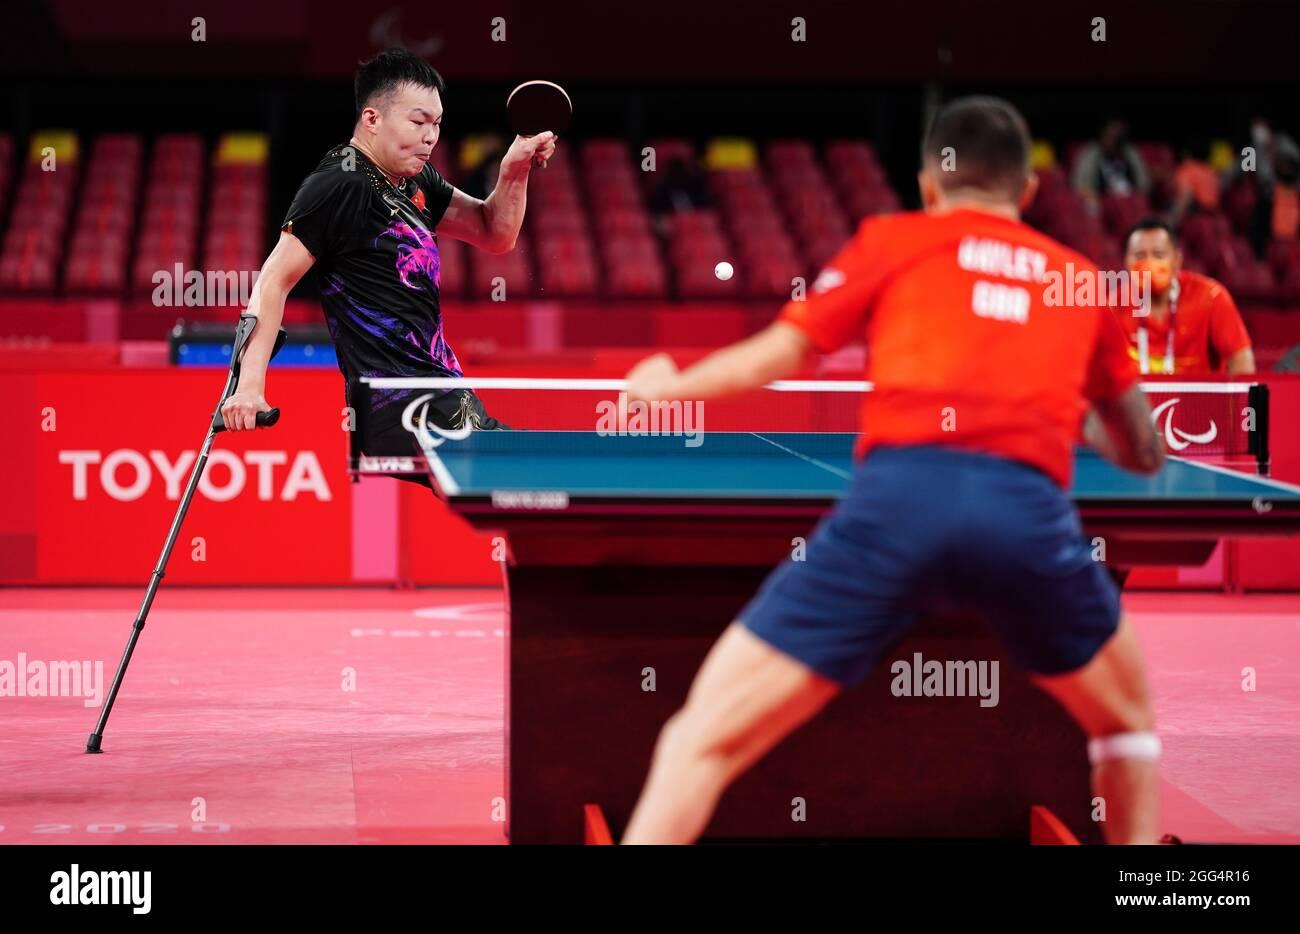 Lo Shuo Yan della Cina compete nella partita di medaglia d'oro maschile di classe sette al Tokyo Metropolitan Gymnasium durante il quinto giorno dei Giochi Paralimpici di Tokyo 2020 in Giappone. Data foto: Domenica 29 agosto 2021. Foto Stock